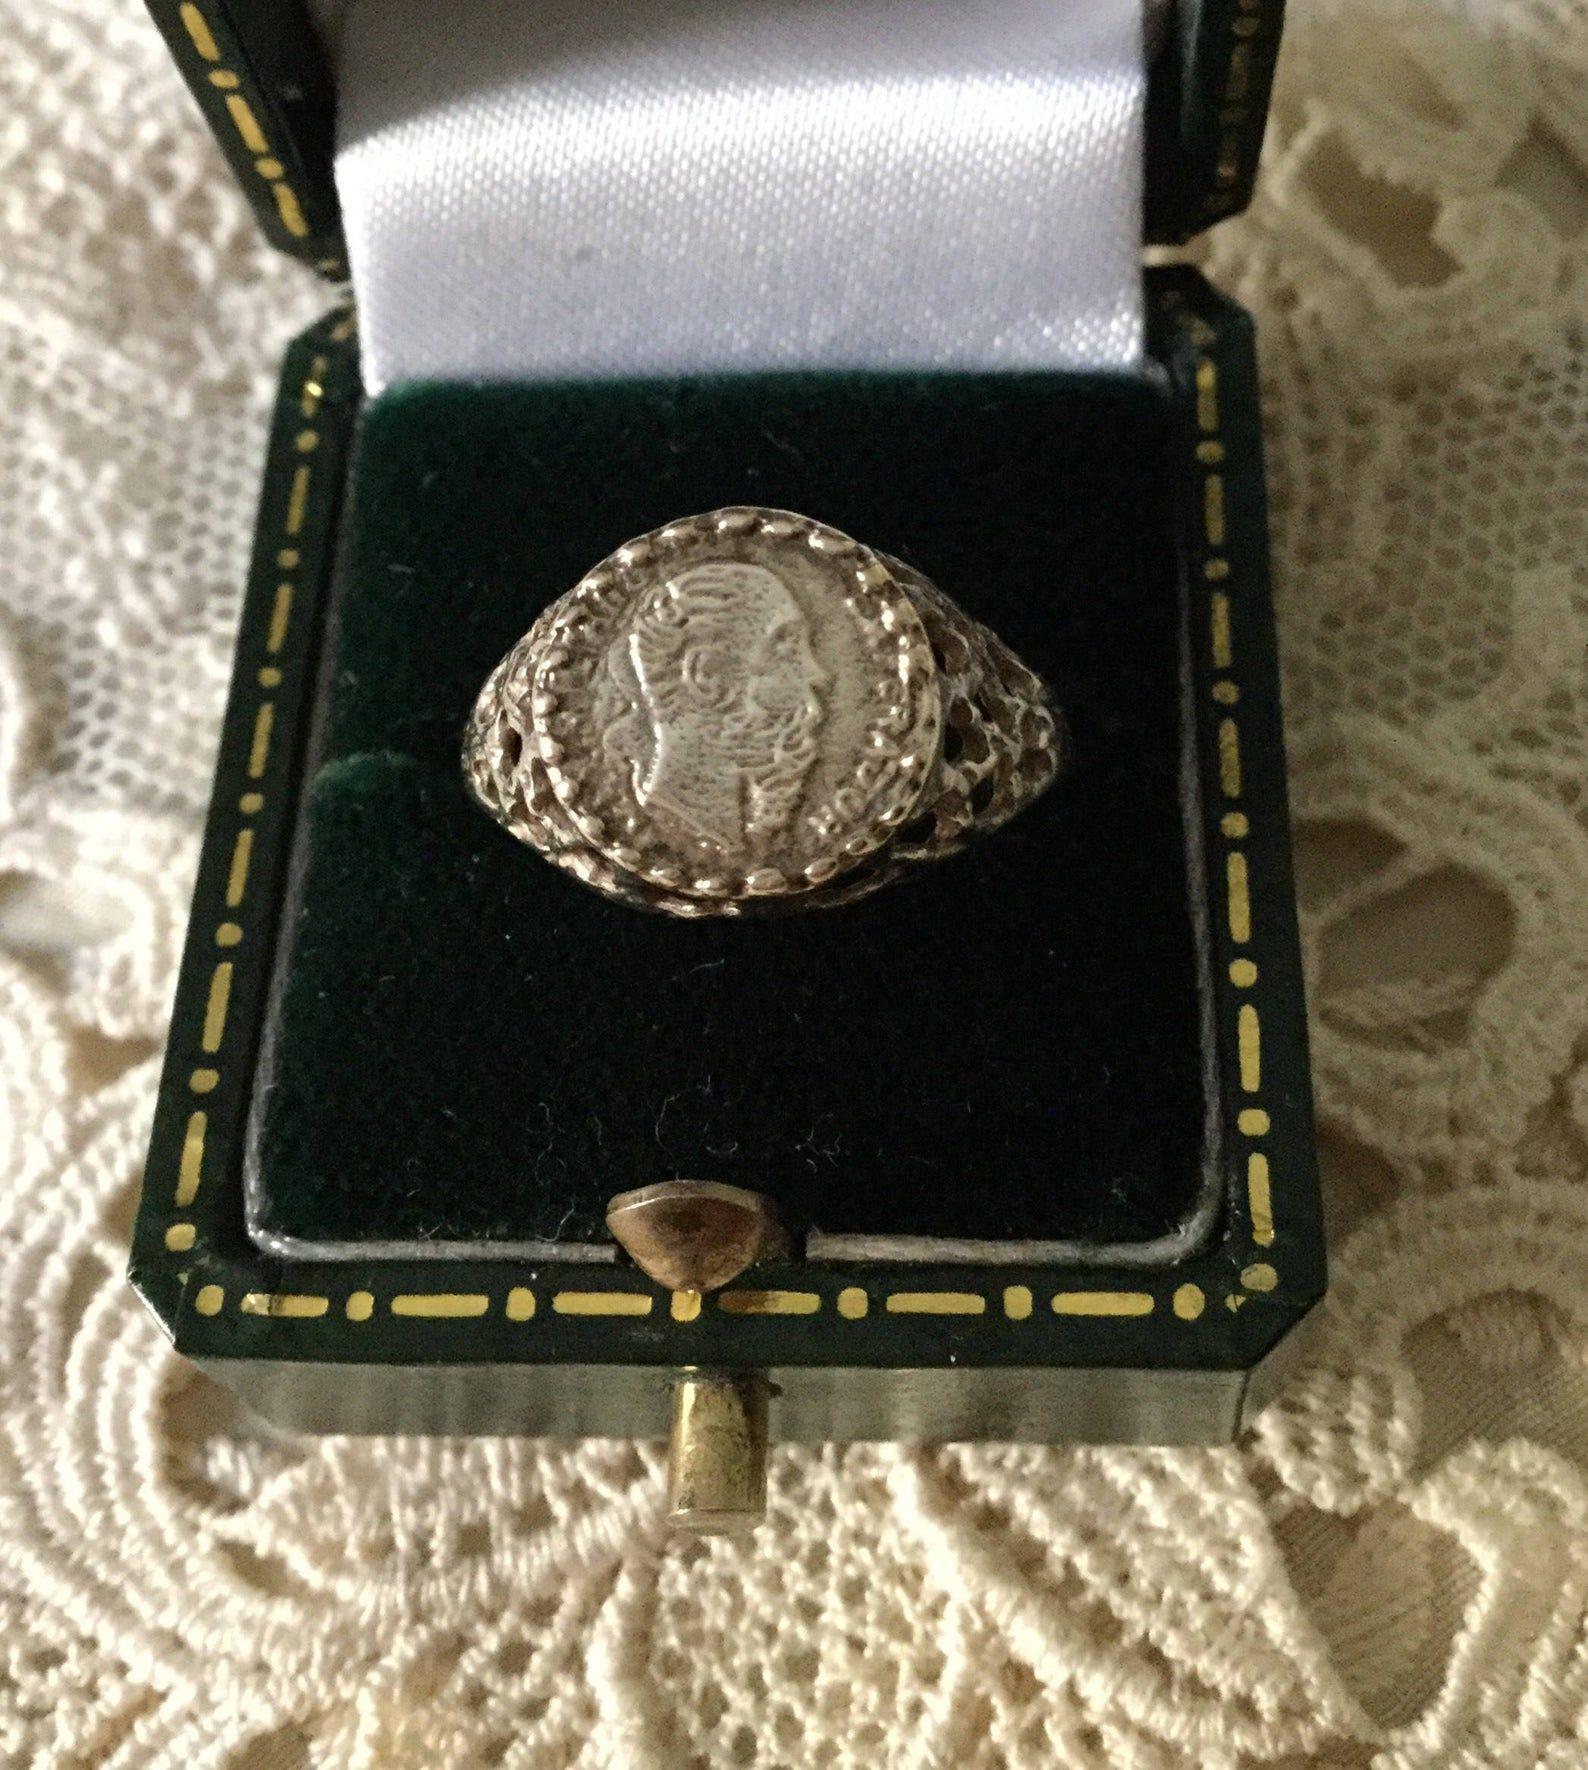 Genuine Antique Old Corner Peso Silver Ring Very Original Emperor Maximiliano Silver Corner Peso Hallmark Silver Vintage Ring From France Bague Argent Pierre Precieuse Et Etsy